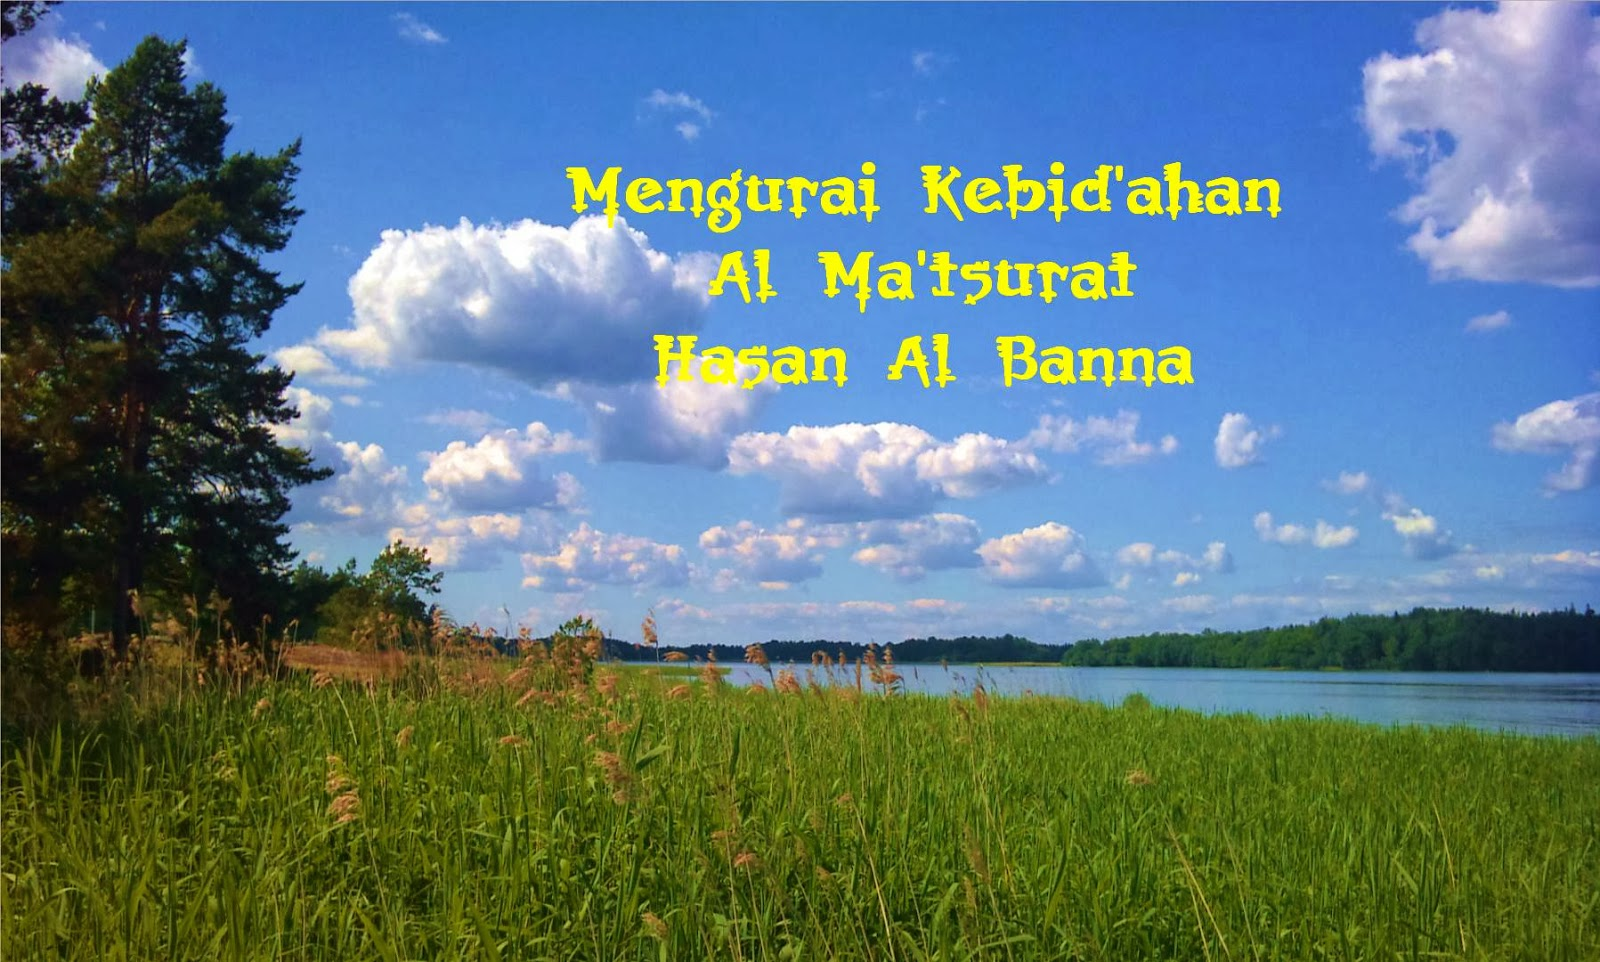 Mengurai Kebidahan Al Matsurat Hasan Bana Cover